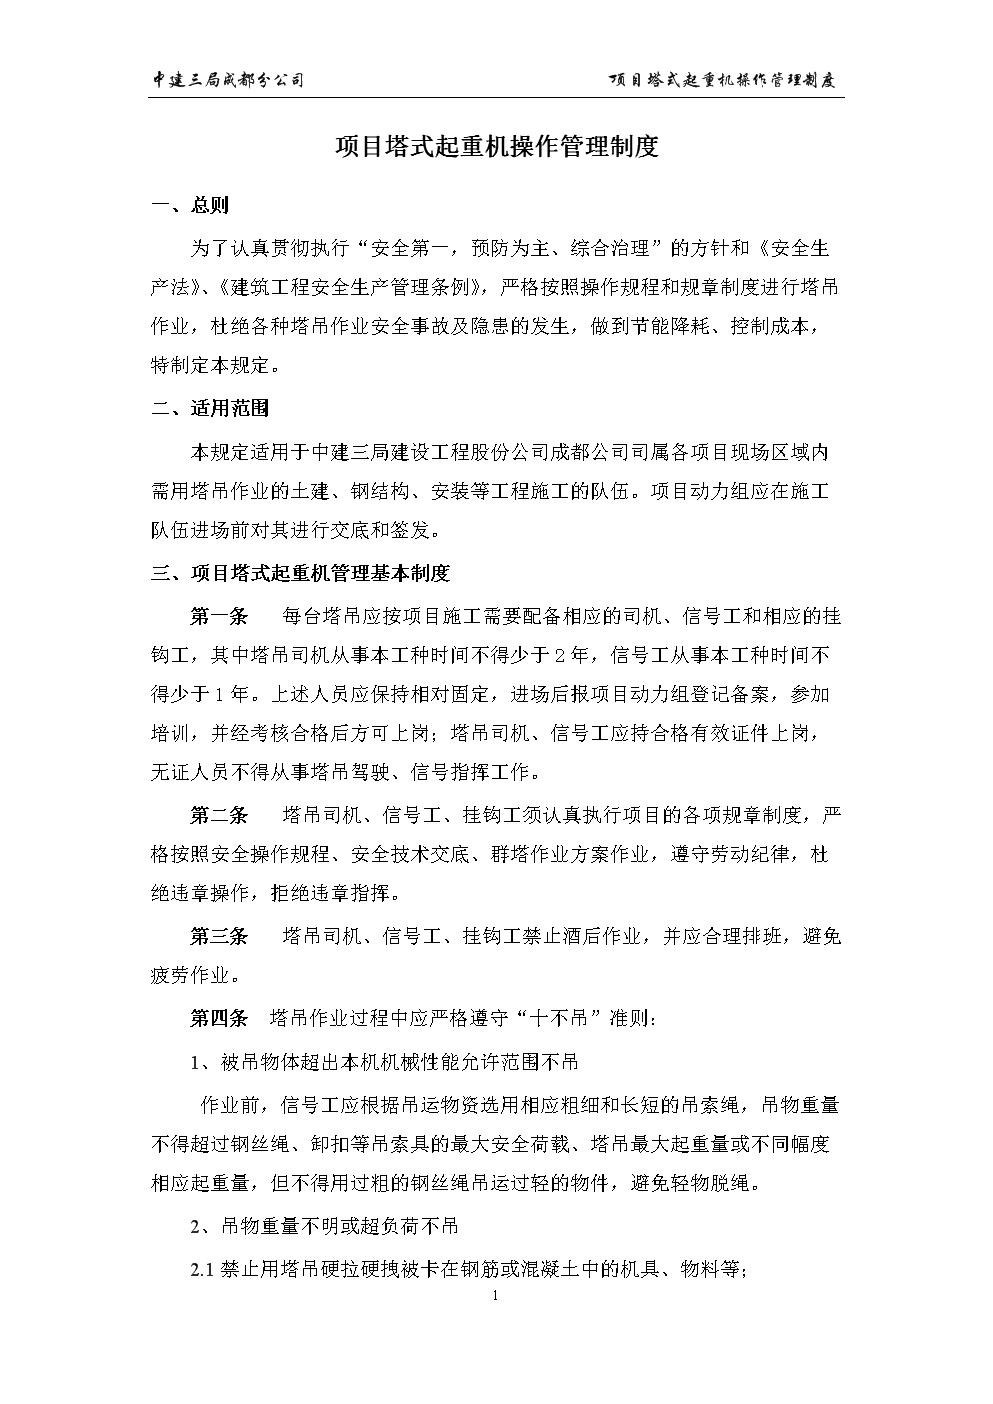 《建筑企业塔吊管理制度》.doc